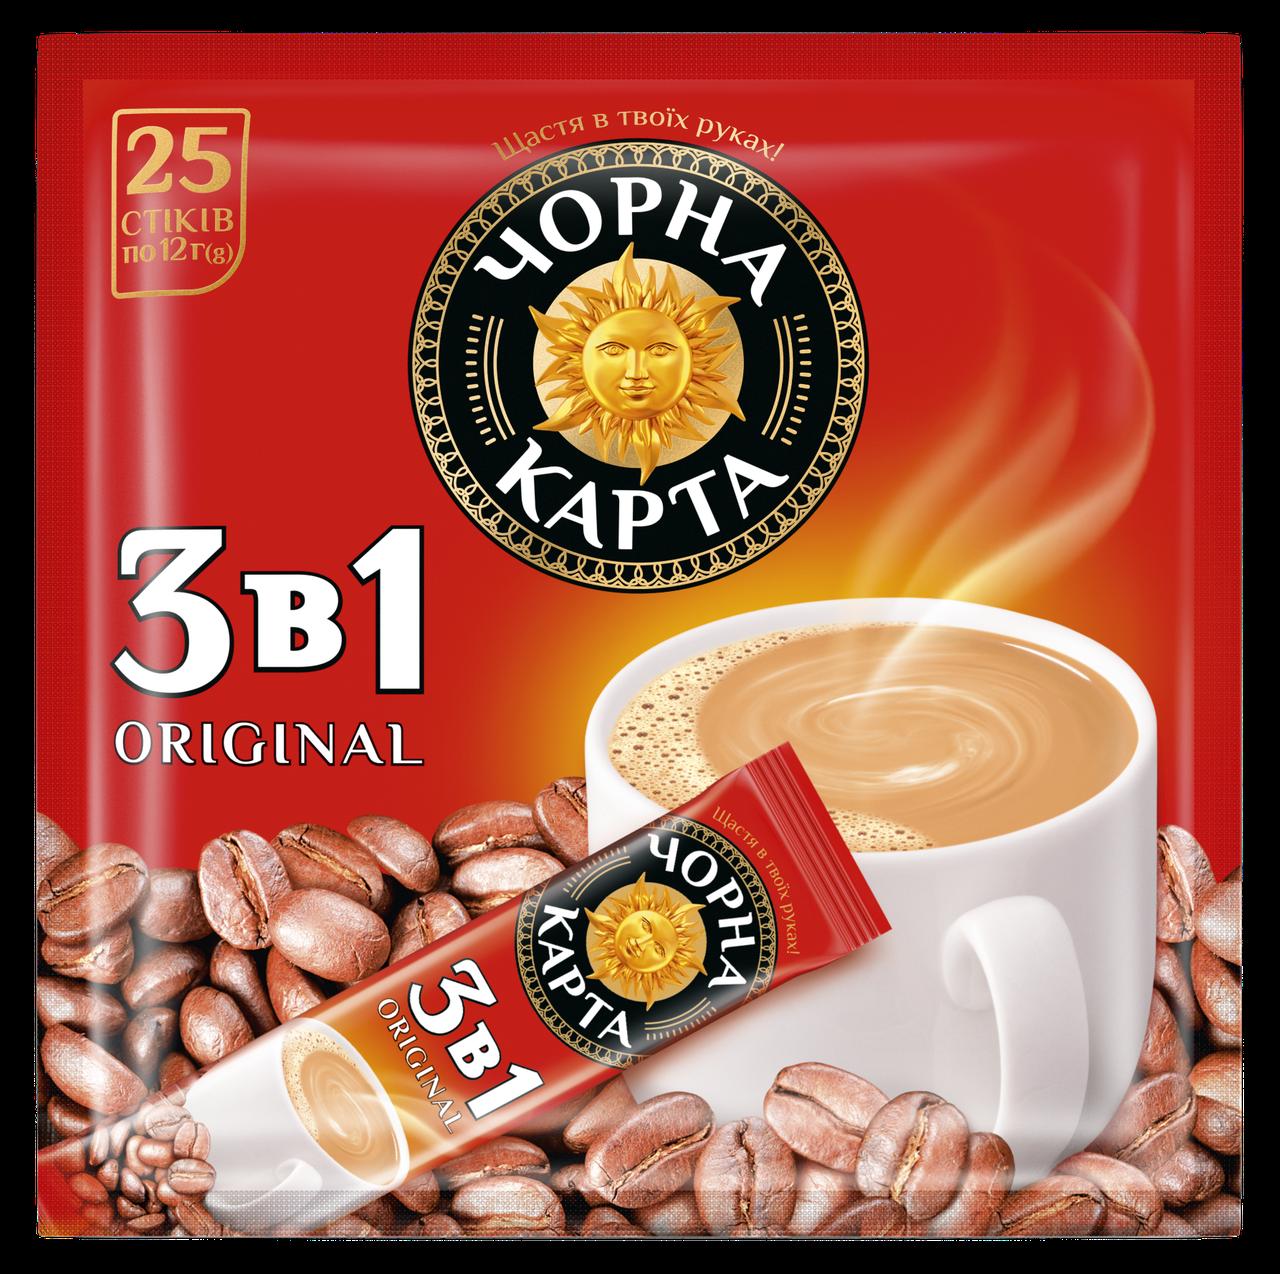 Напиток кофейный растворимый Чорна Карта 3в1 Ориджинал, сток 12г пакет 25 шт